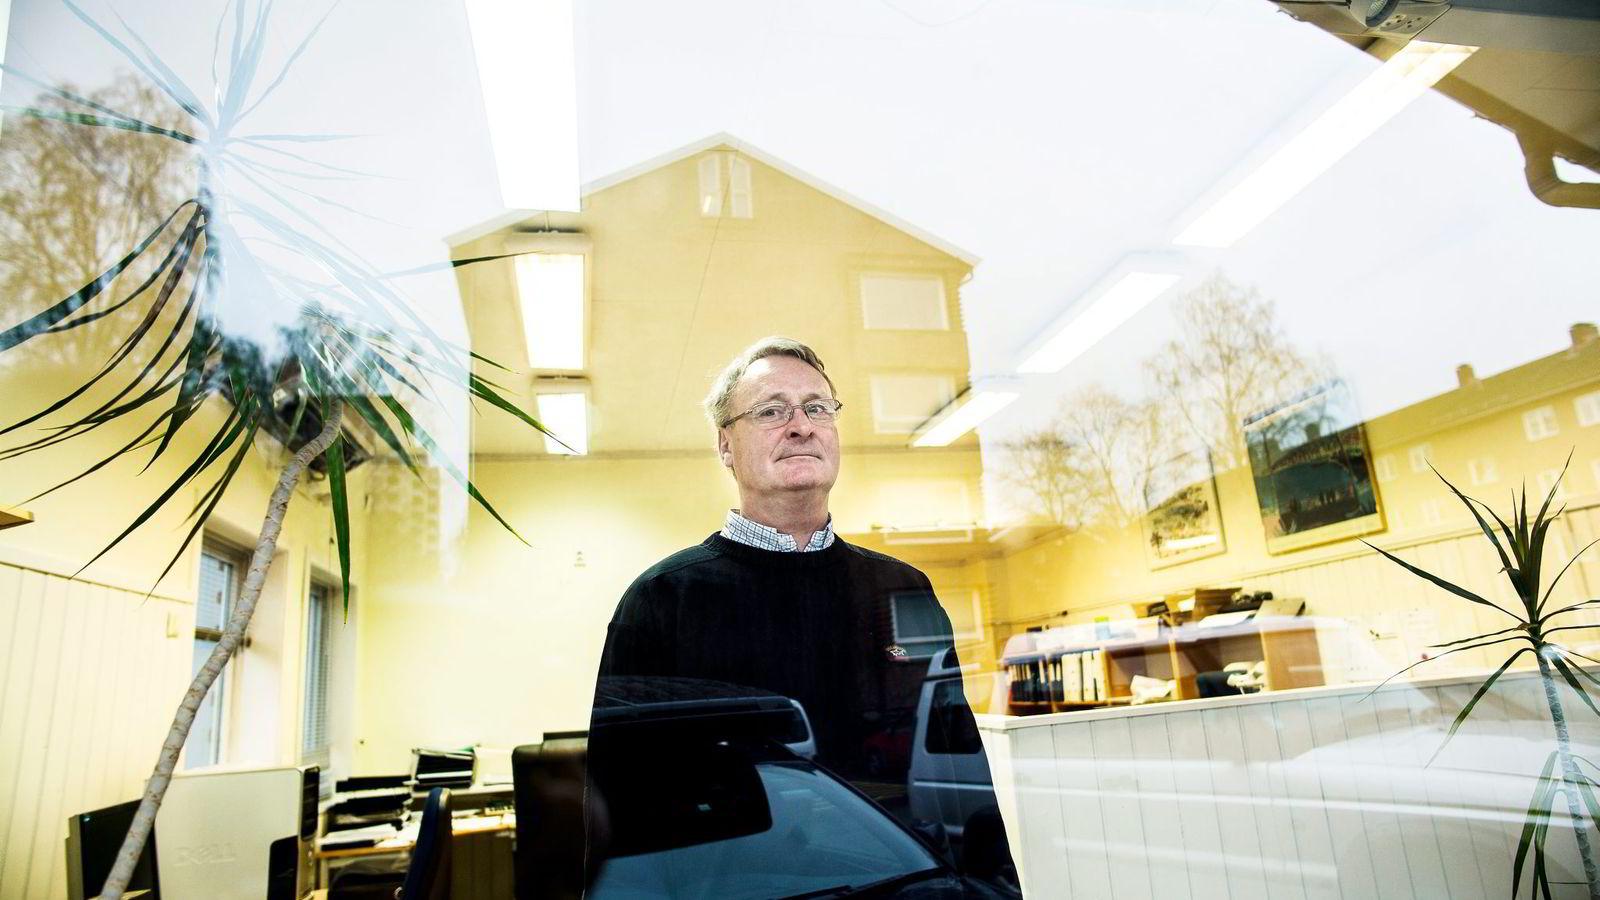 LETTET. Rune Mannsåker er glad han ble frikjent for erstatningsansvar etter at huskjøper fant fukt i en kjeller fire år etter at han laget boligsalgsrapporten.